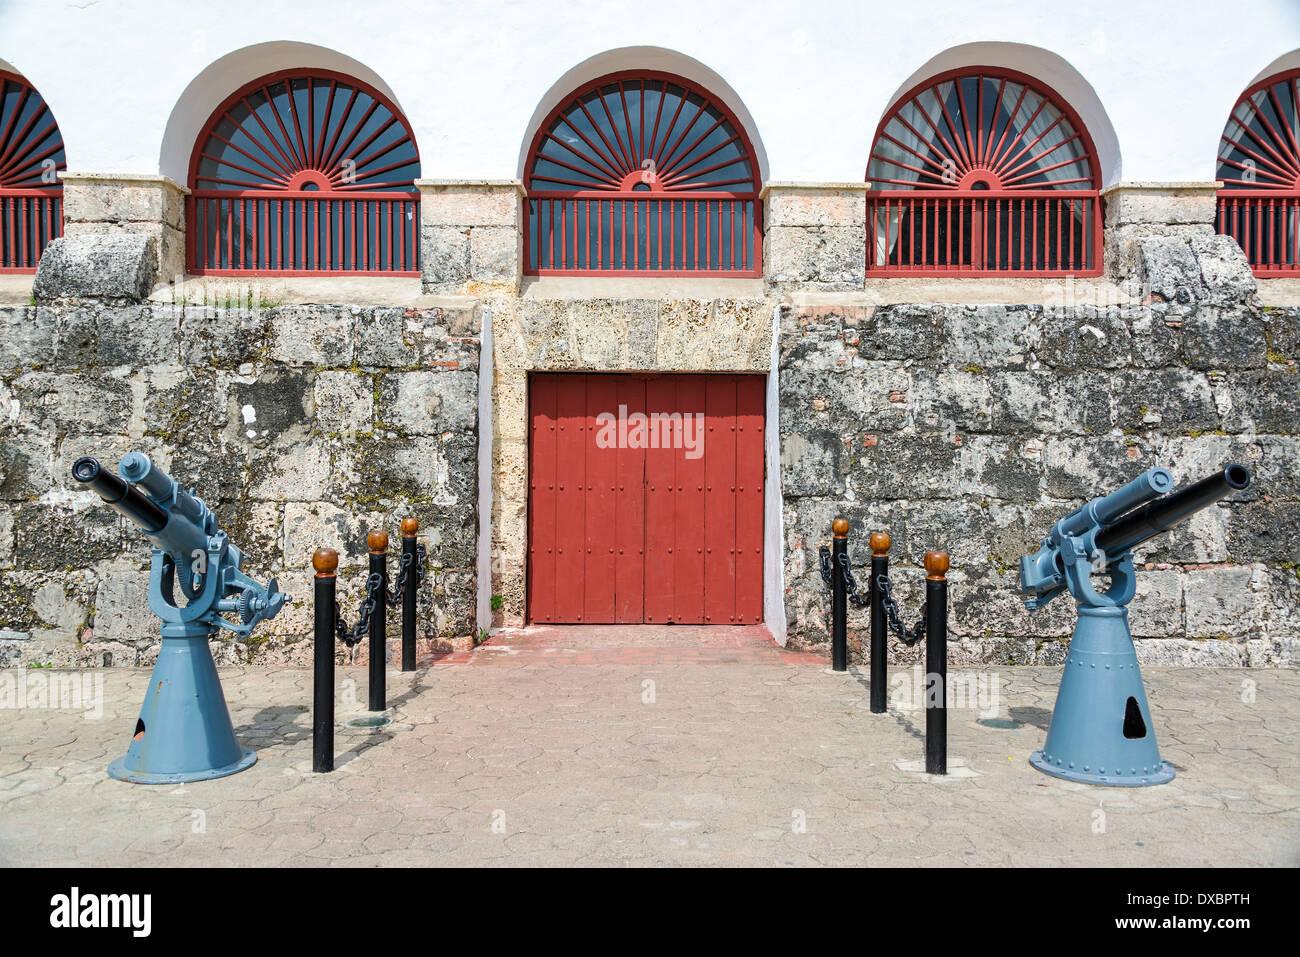 Gebäude im Kolonialstil in Cartagena/Kolumbien mit zwei großen Kanonen davor Stockbild